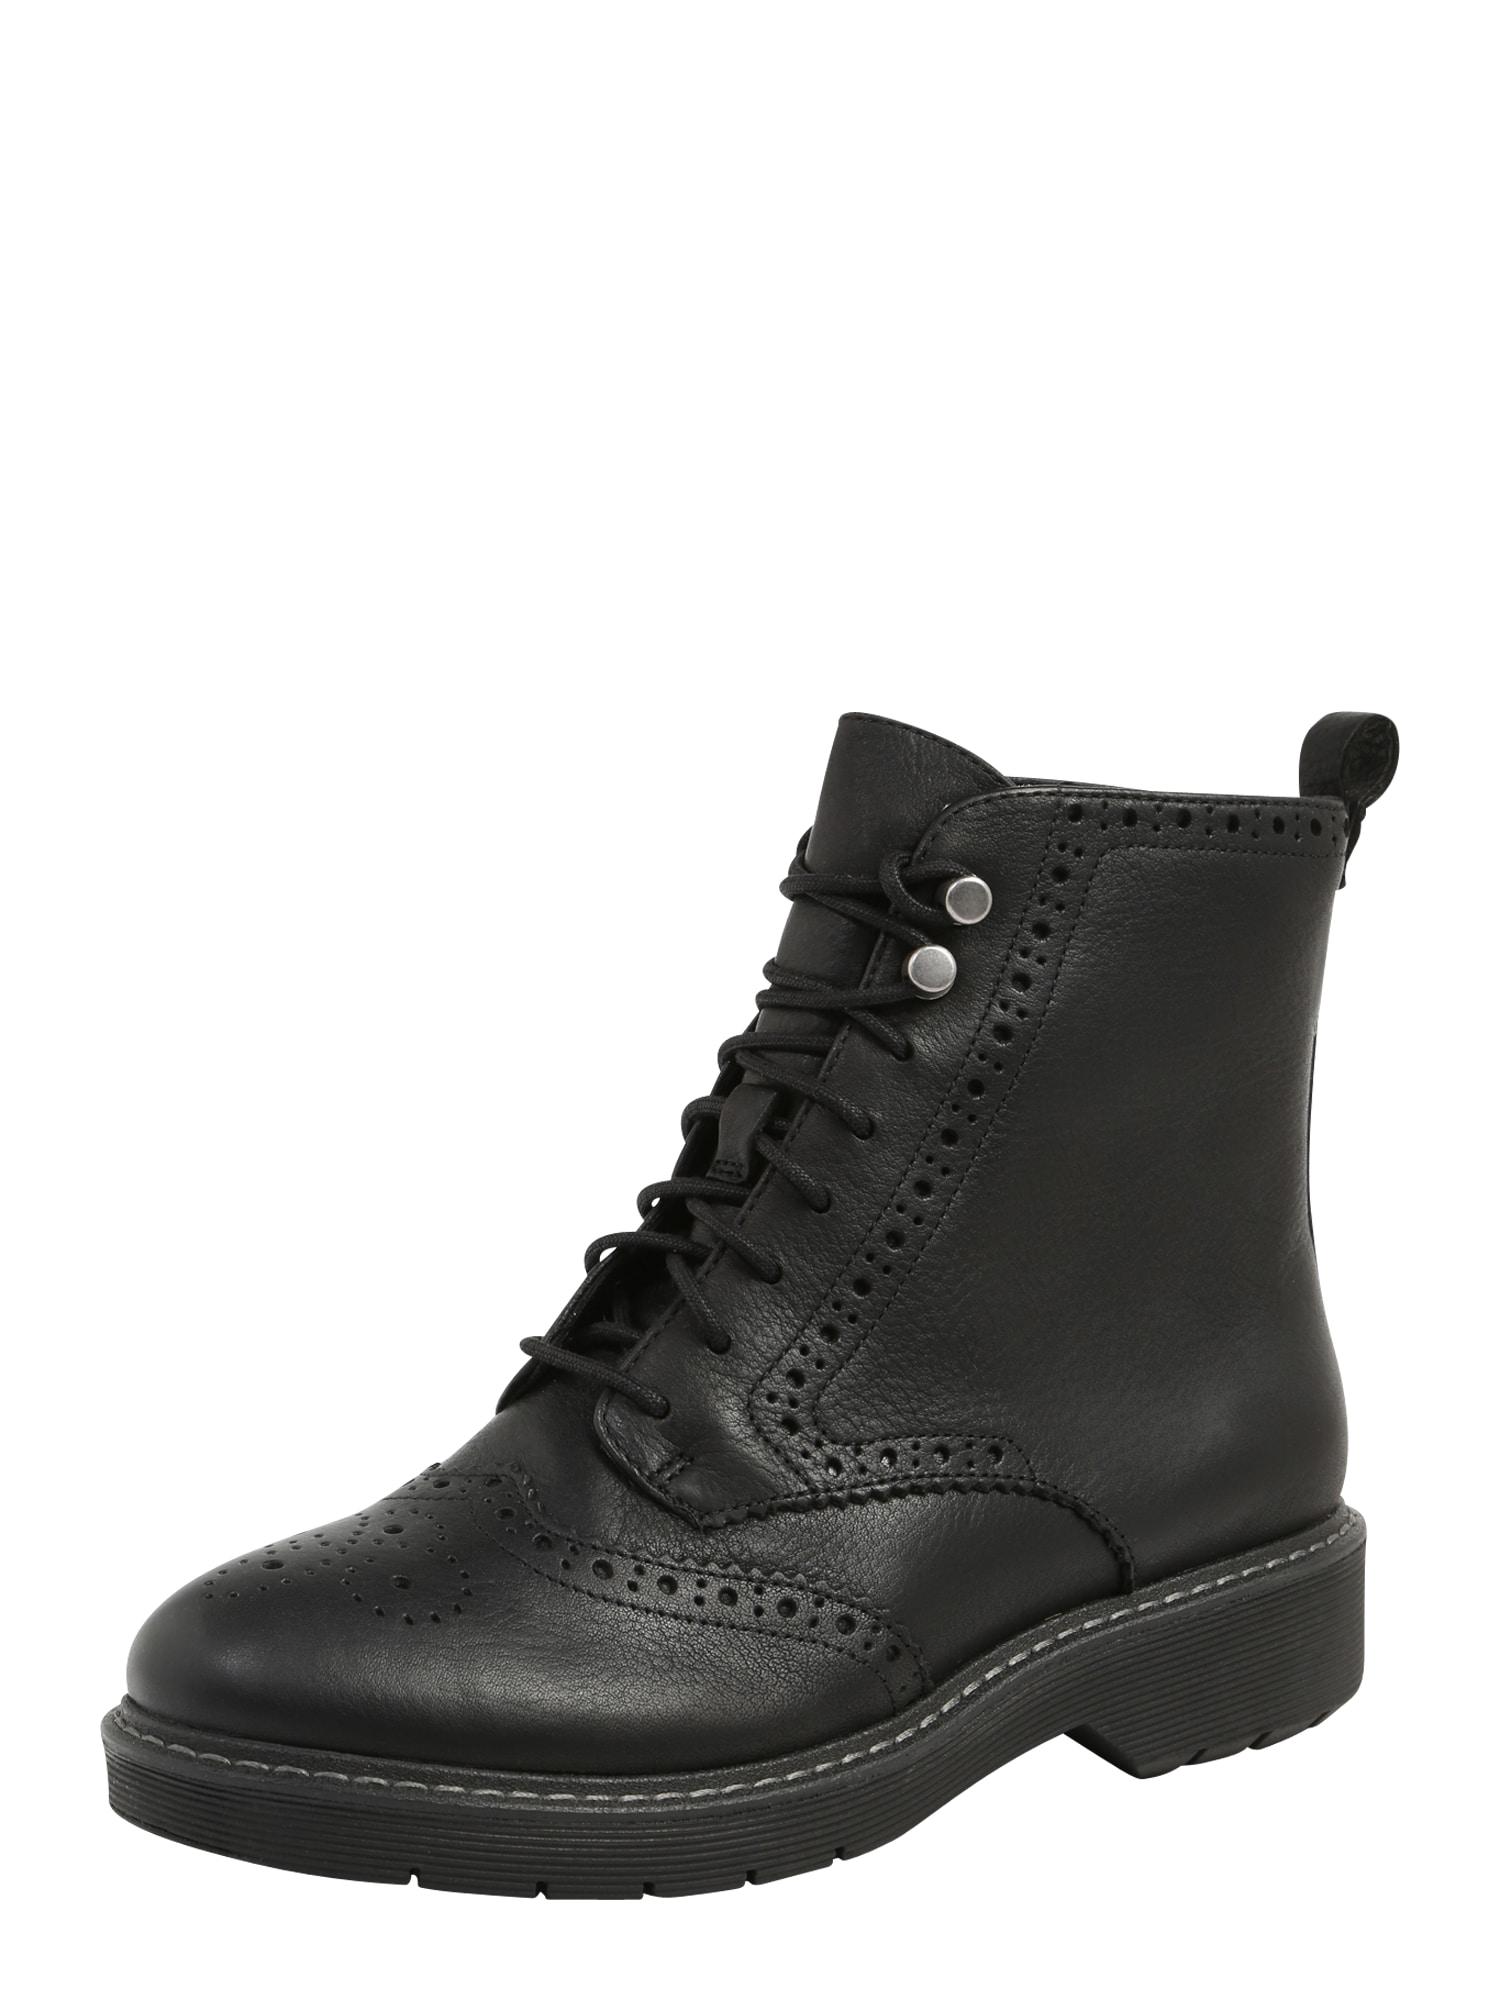 Šněrovací boty Witcombe Flo černá CLARKS